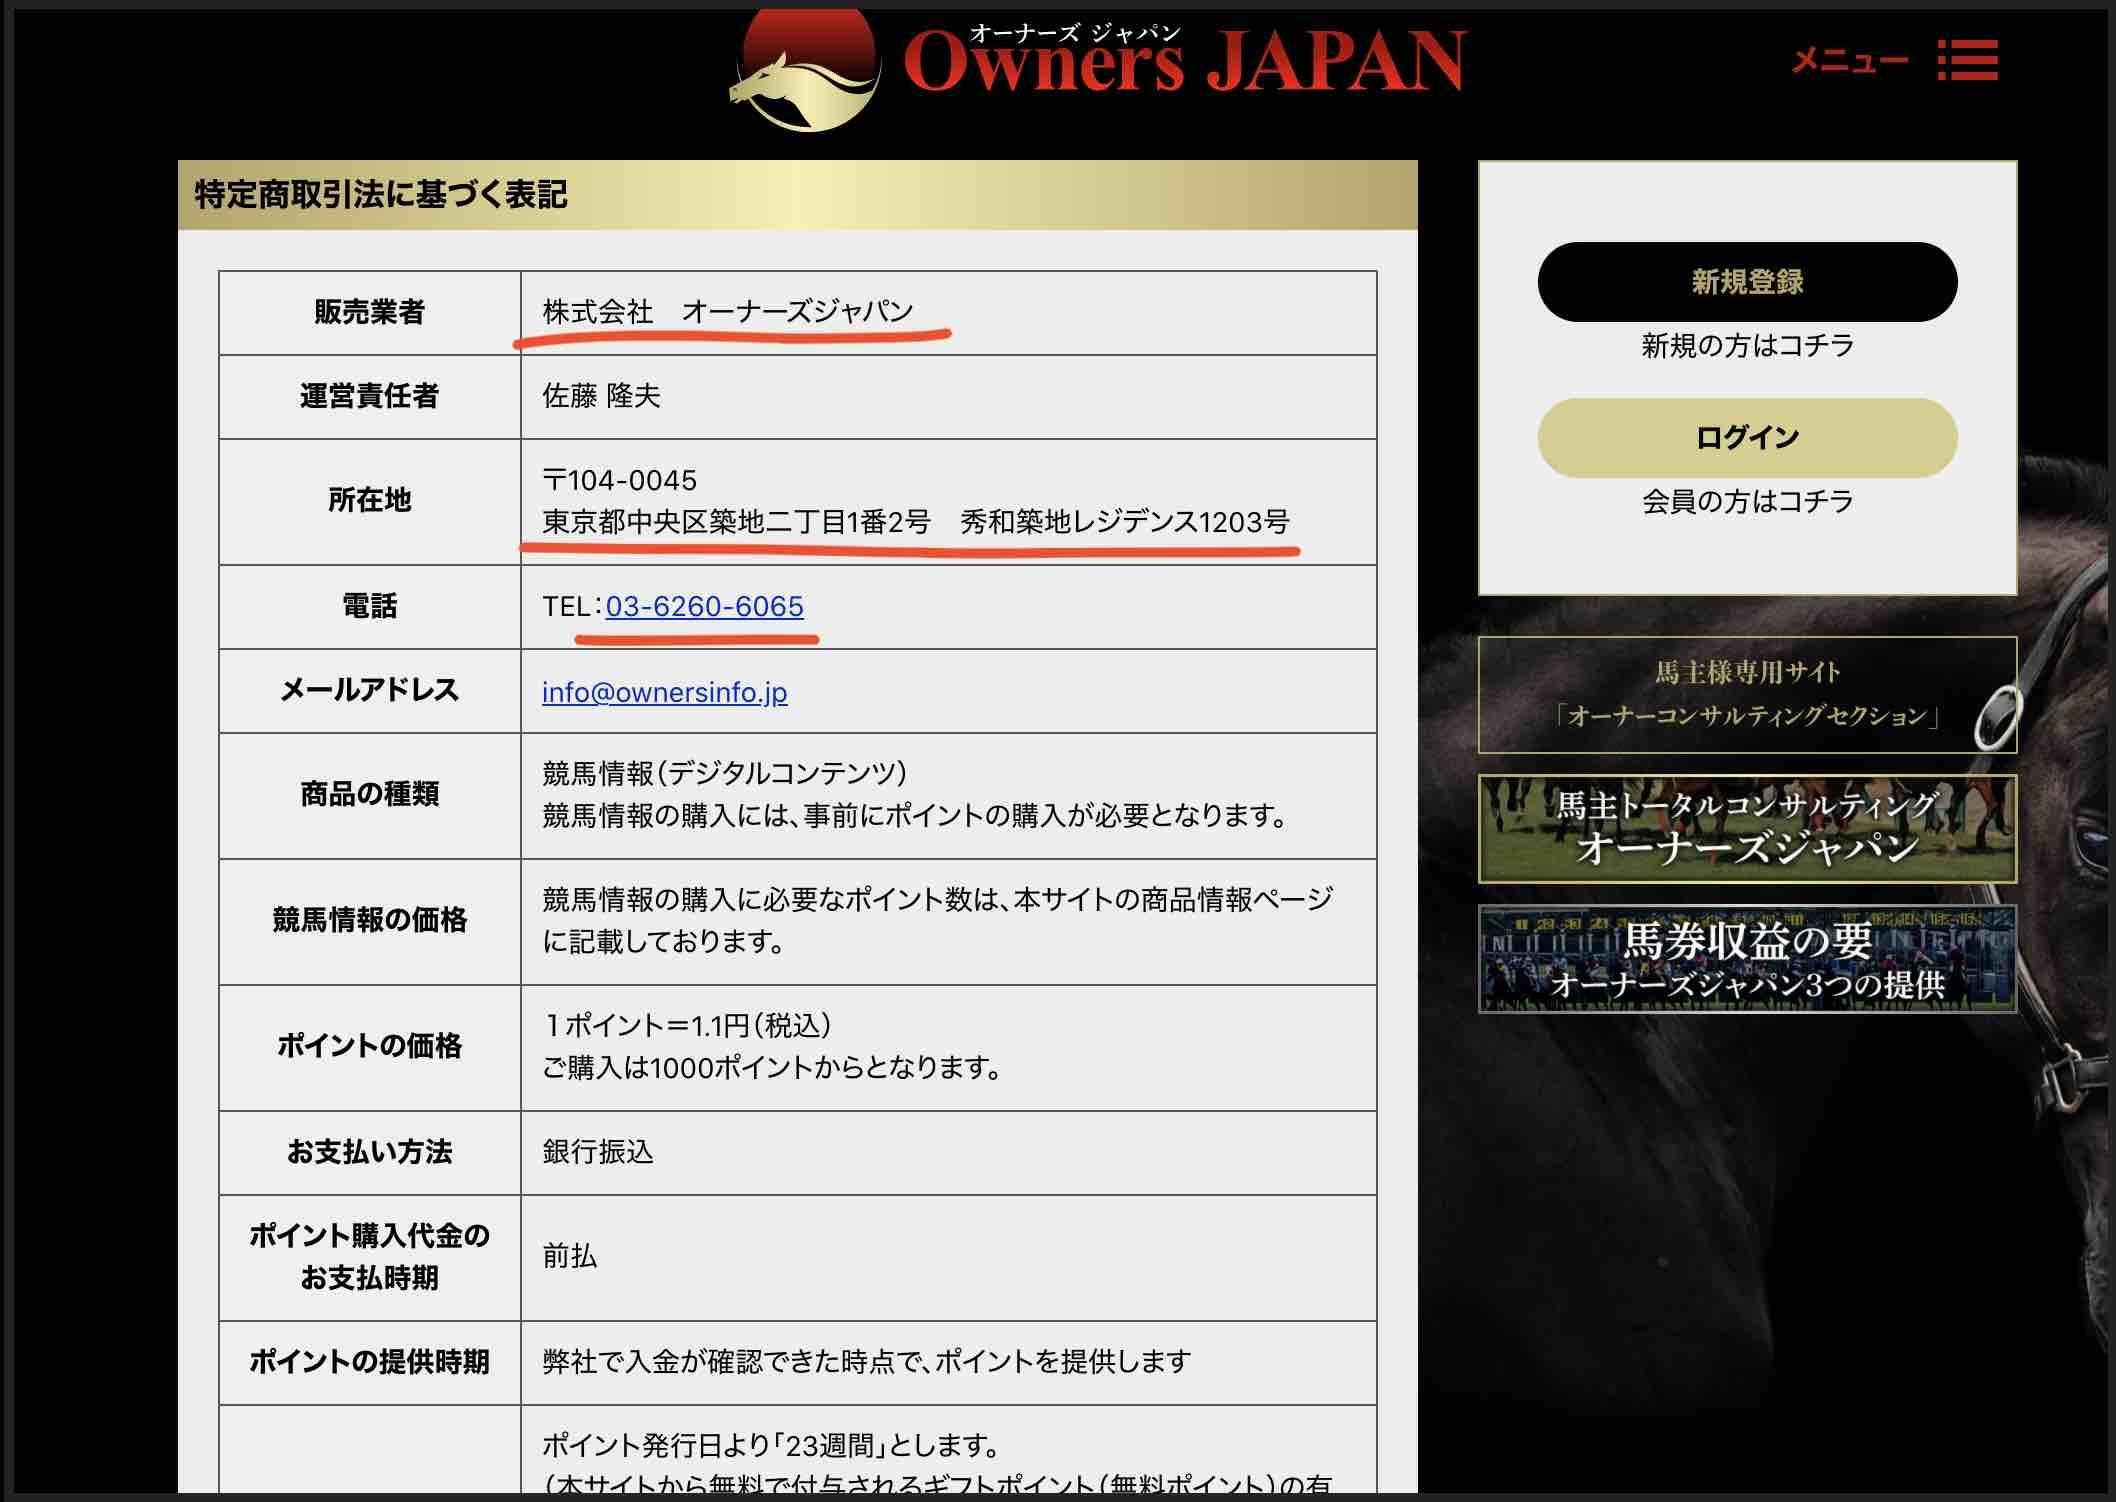 オーナーズジャパンという競馬予想サイトの特商法ページ